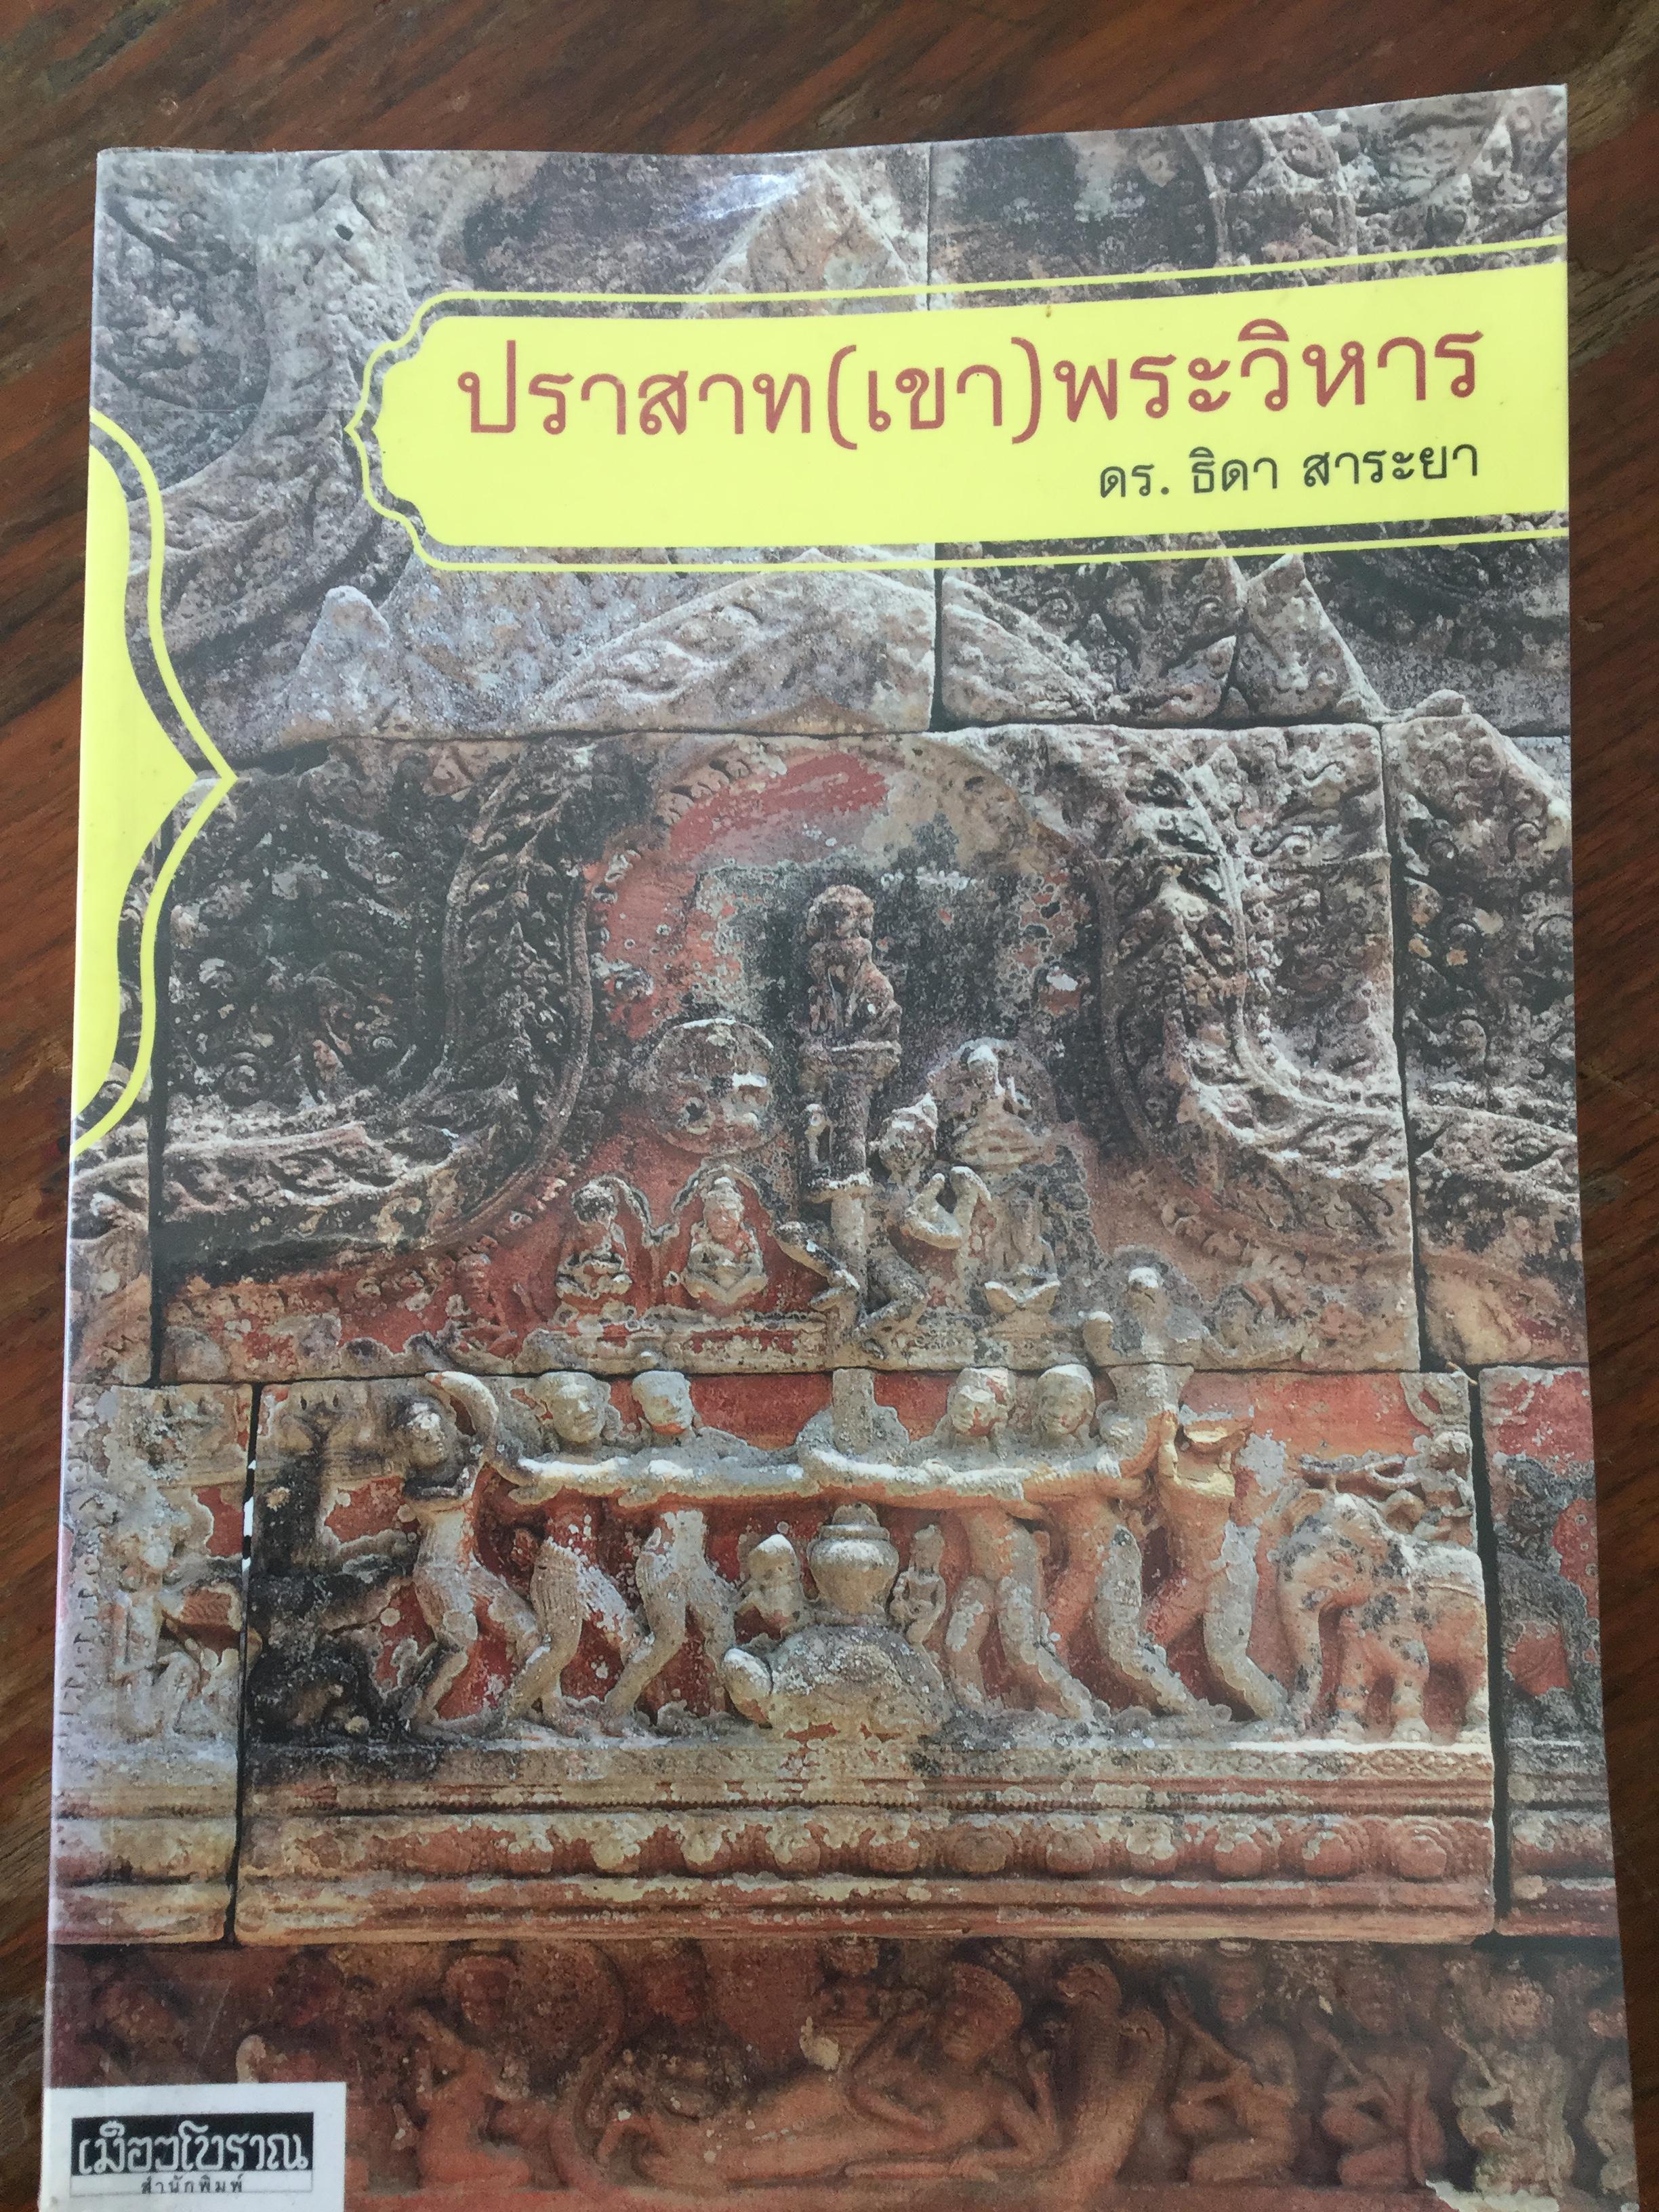 ปราสาท(เขา)พระวิหาร. ผู้เขียน ดร.ธิดา สาระยา เมืองโบราณ